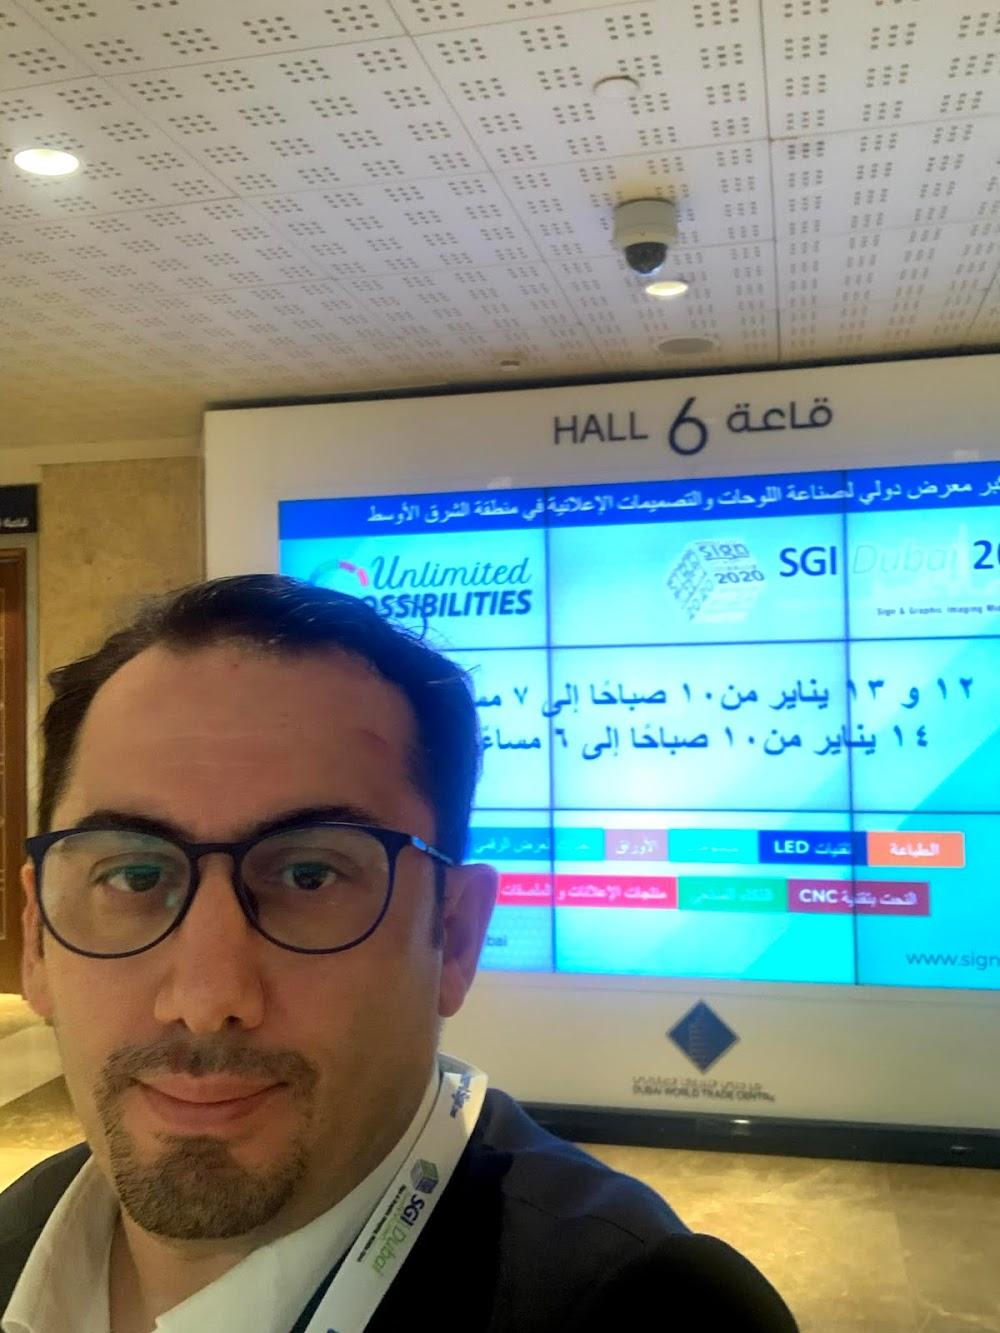 SGI Dubai 2020 Fuarı ardından, Dijital Baskı pazarı geleceği adına neler oluyor ?